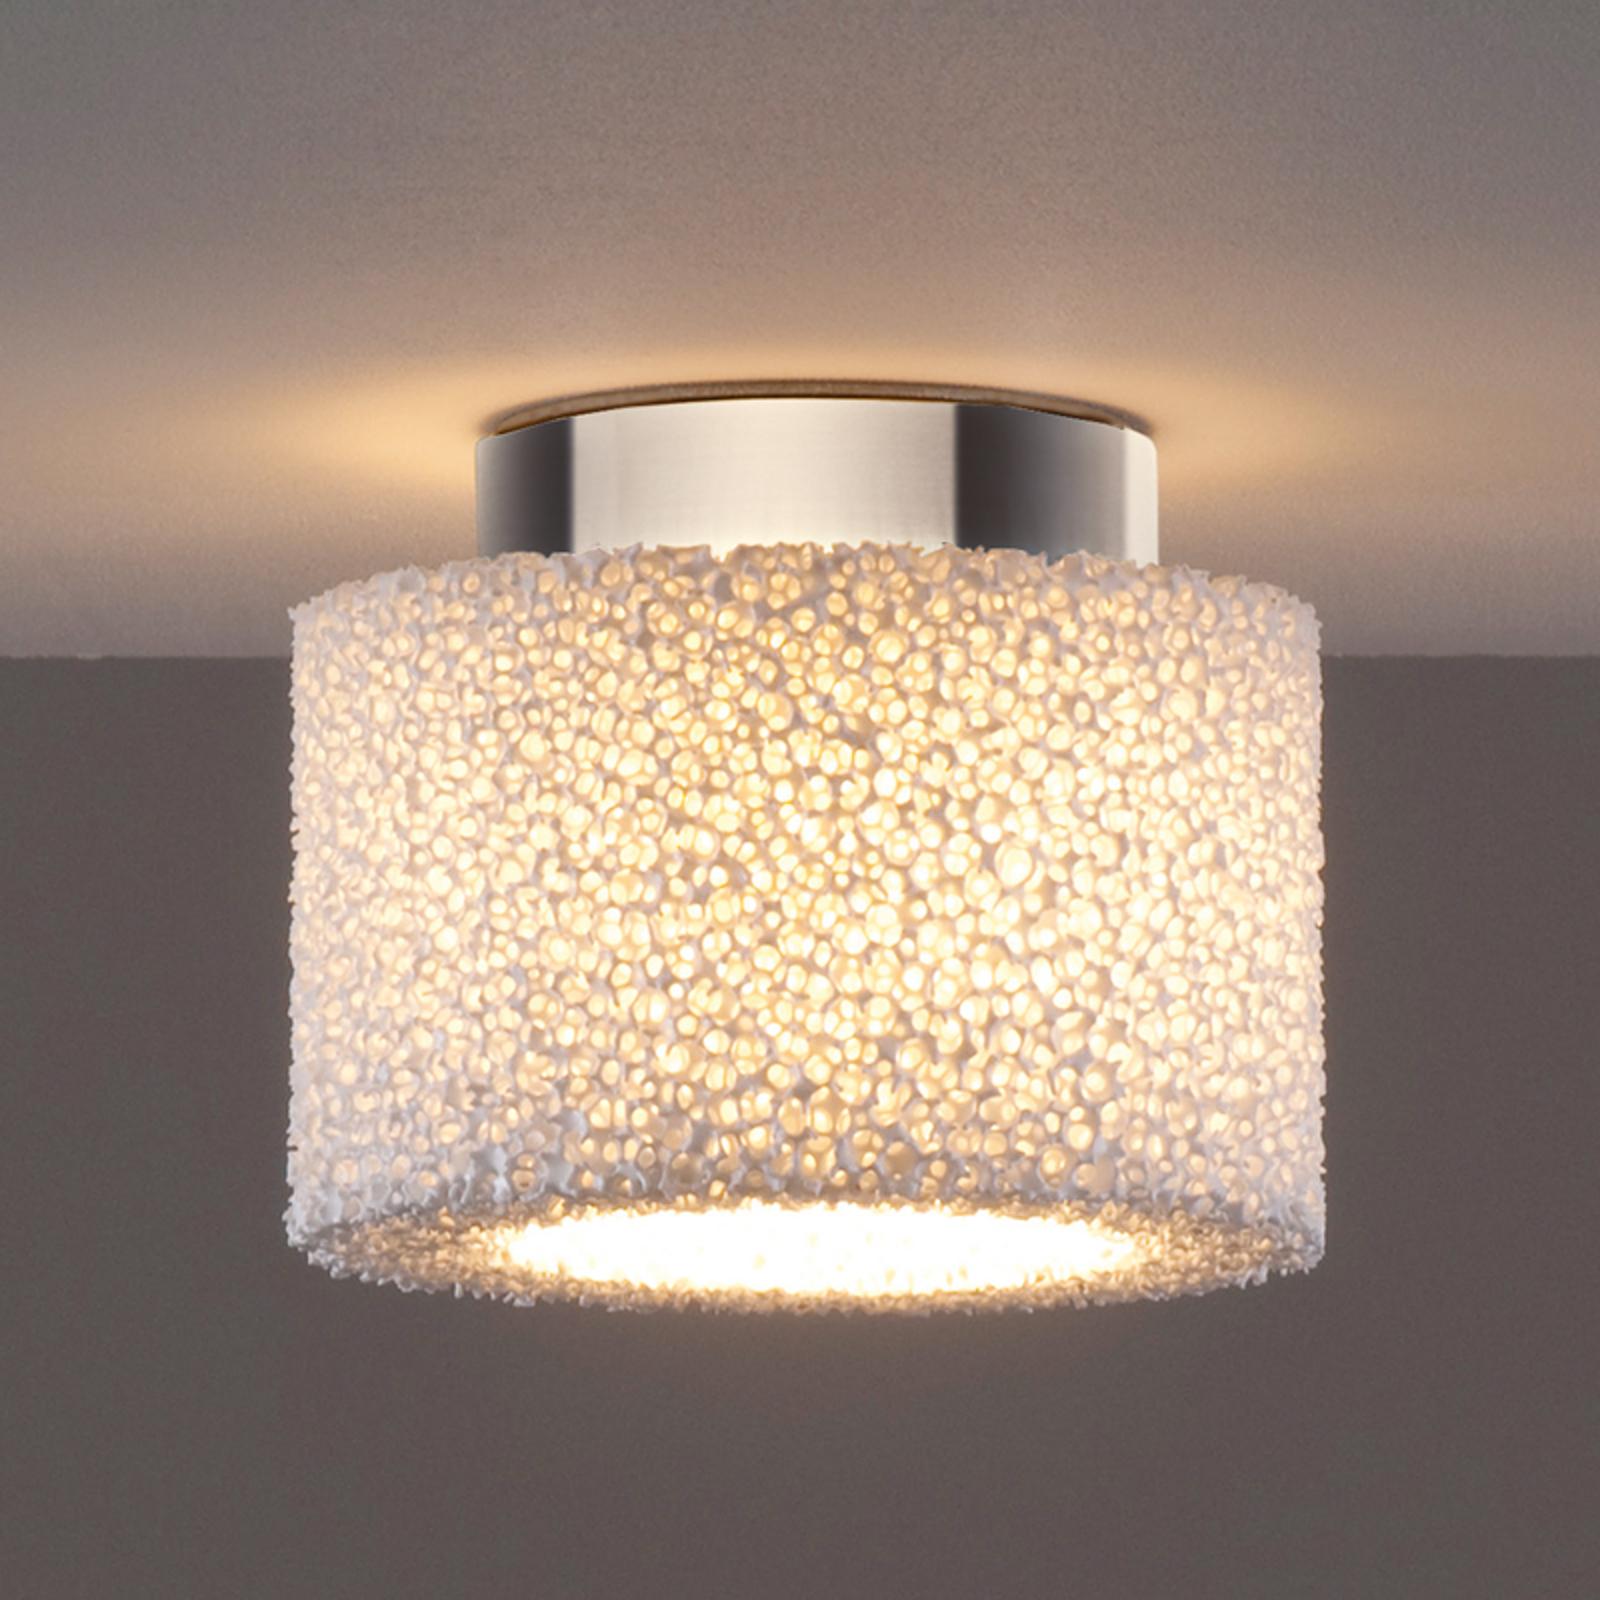 Reef – en LED-taklampe i keramisk skum